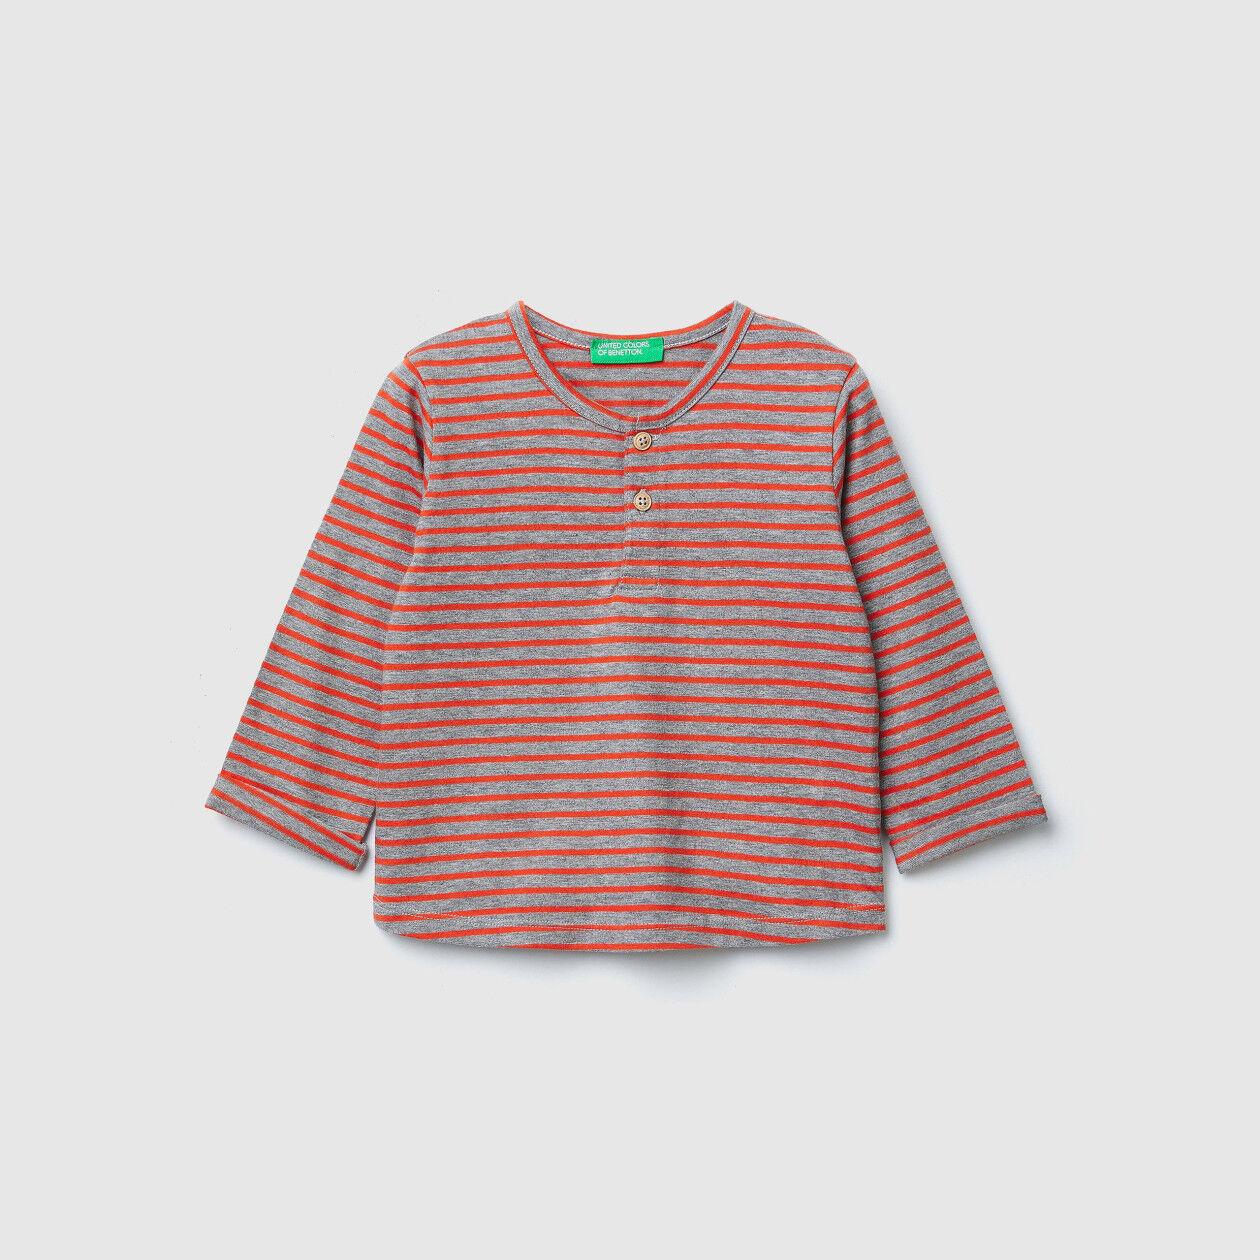 Camiseta de rayas con parches